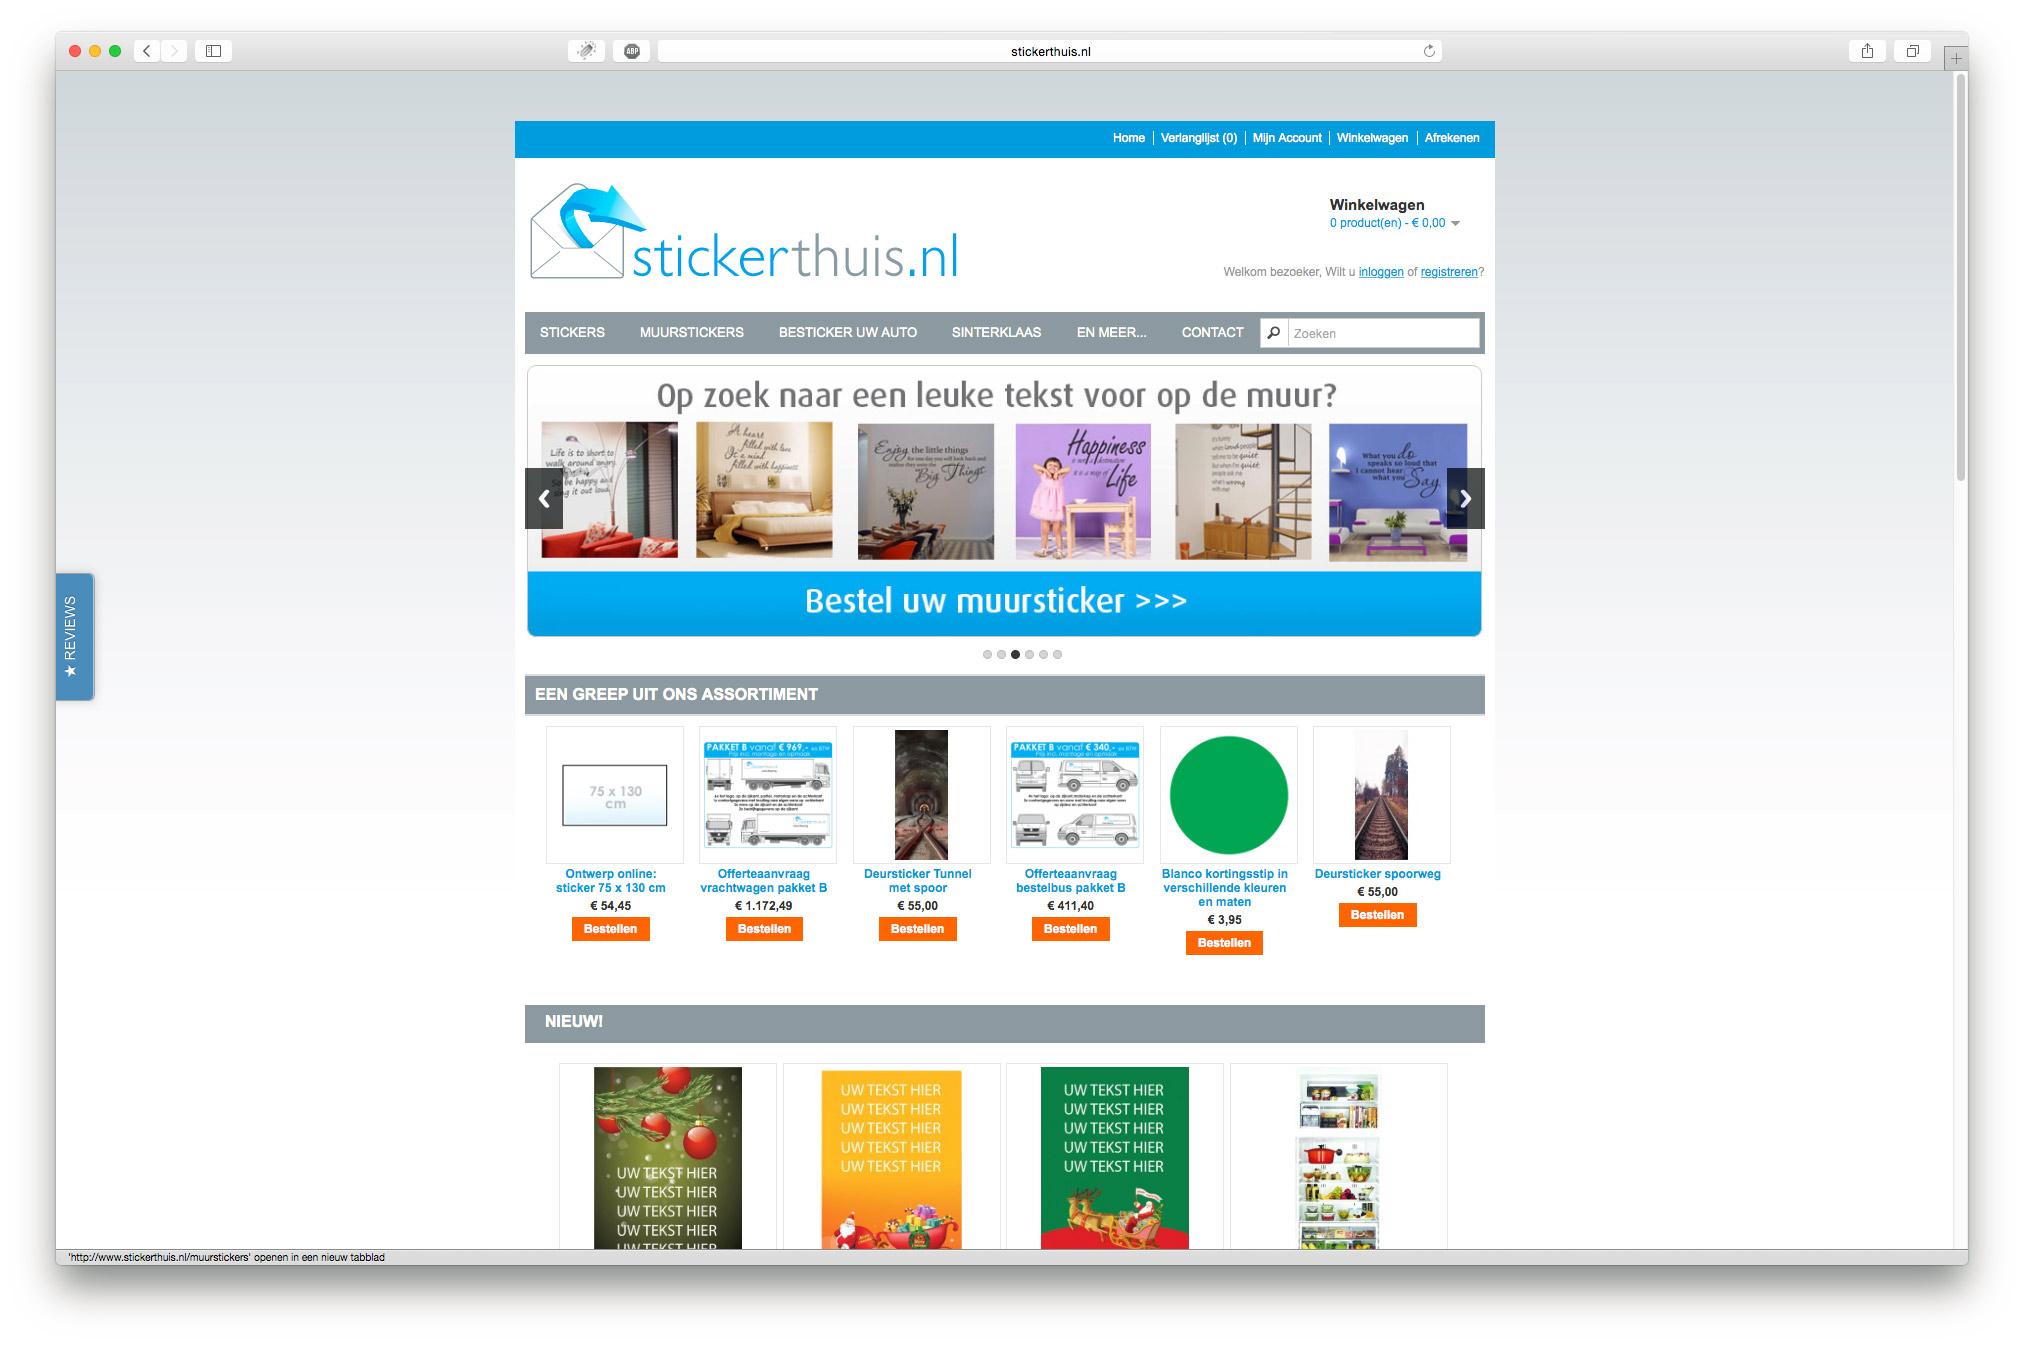 http://www.stickerthuis.nl